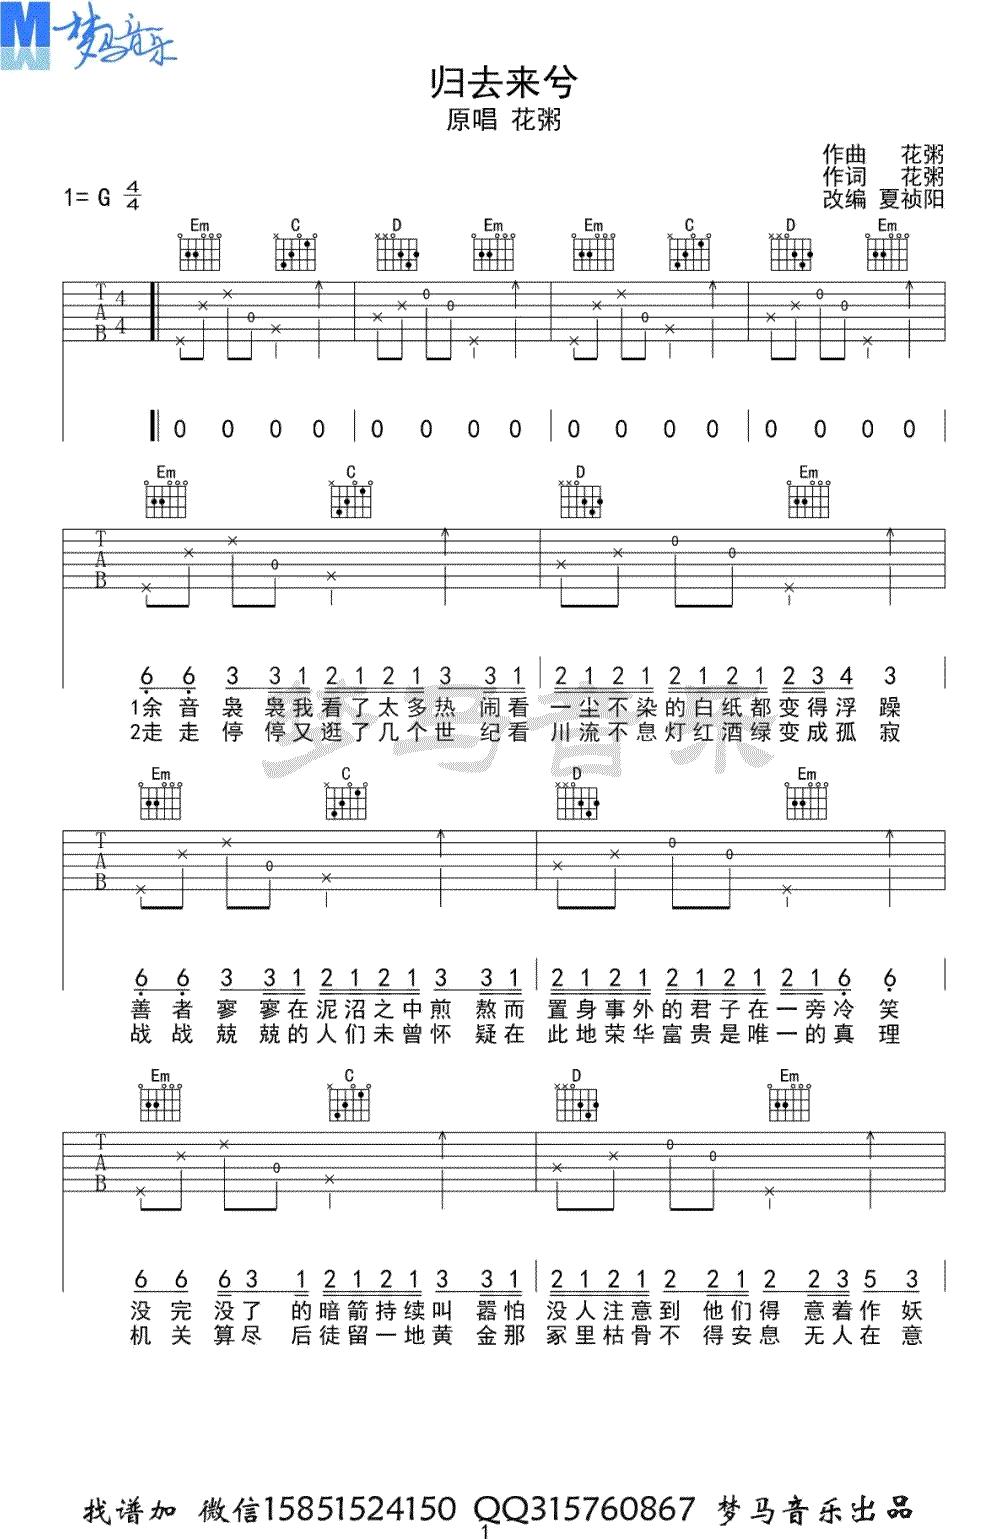 花粥-归去来兮吉他谱-1